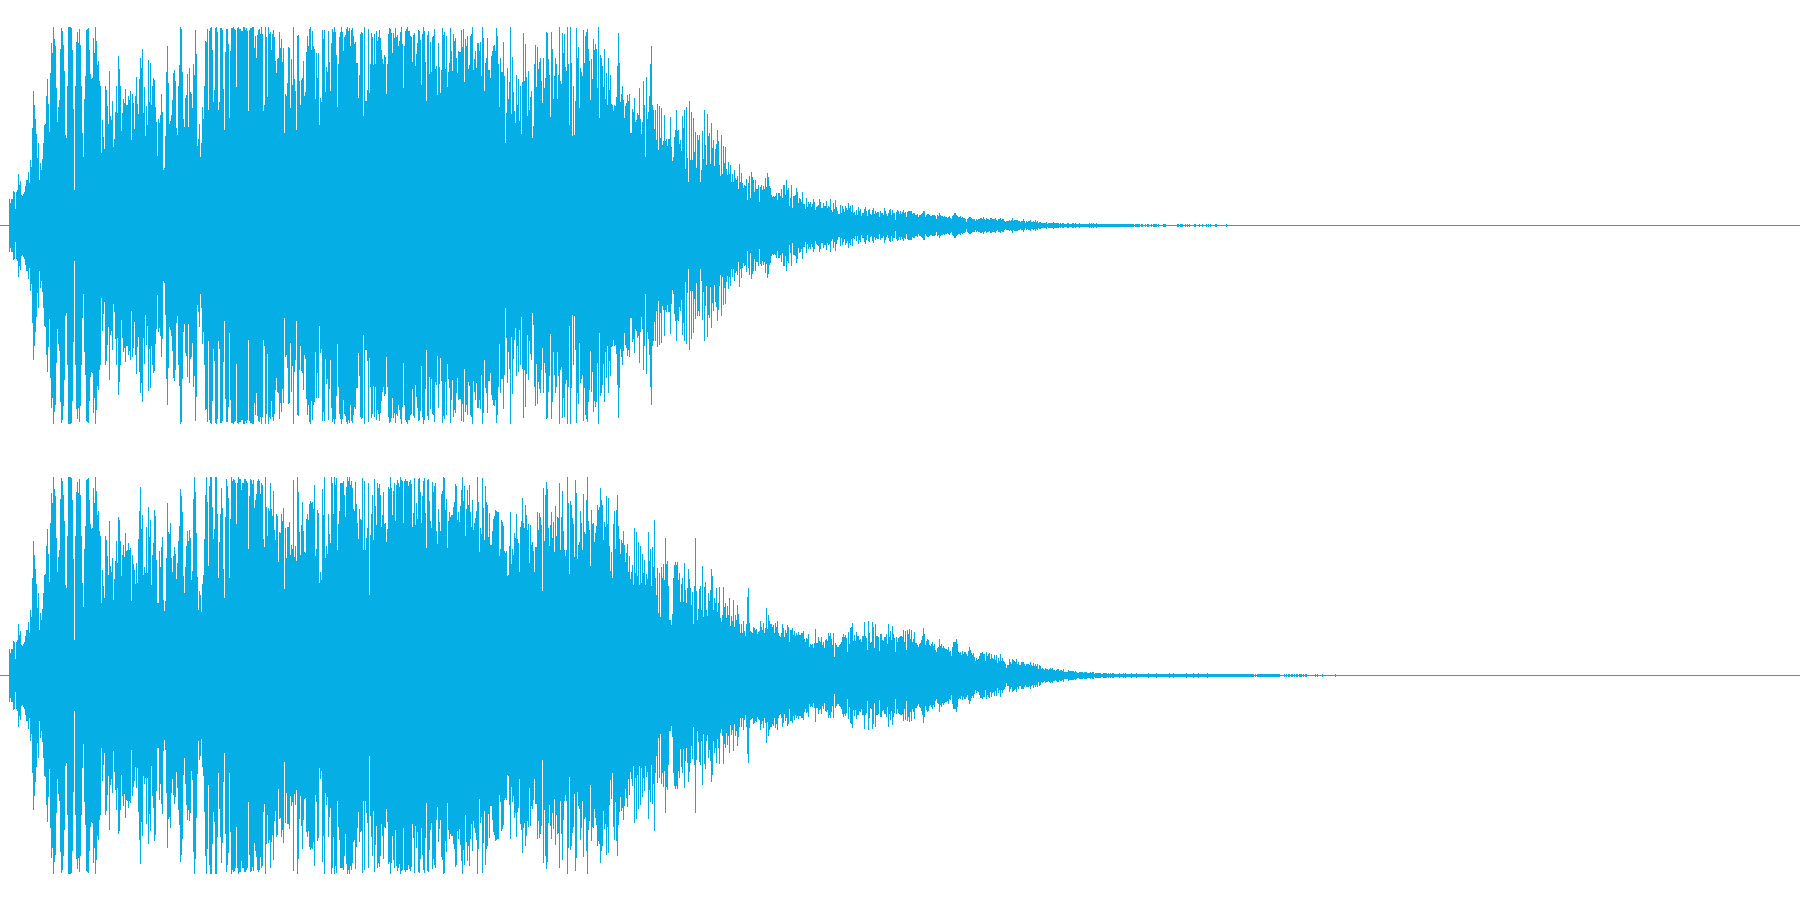 シャキーン!(ロボット攻撃 衝撃 破壊)の再生済みの波形